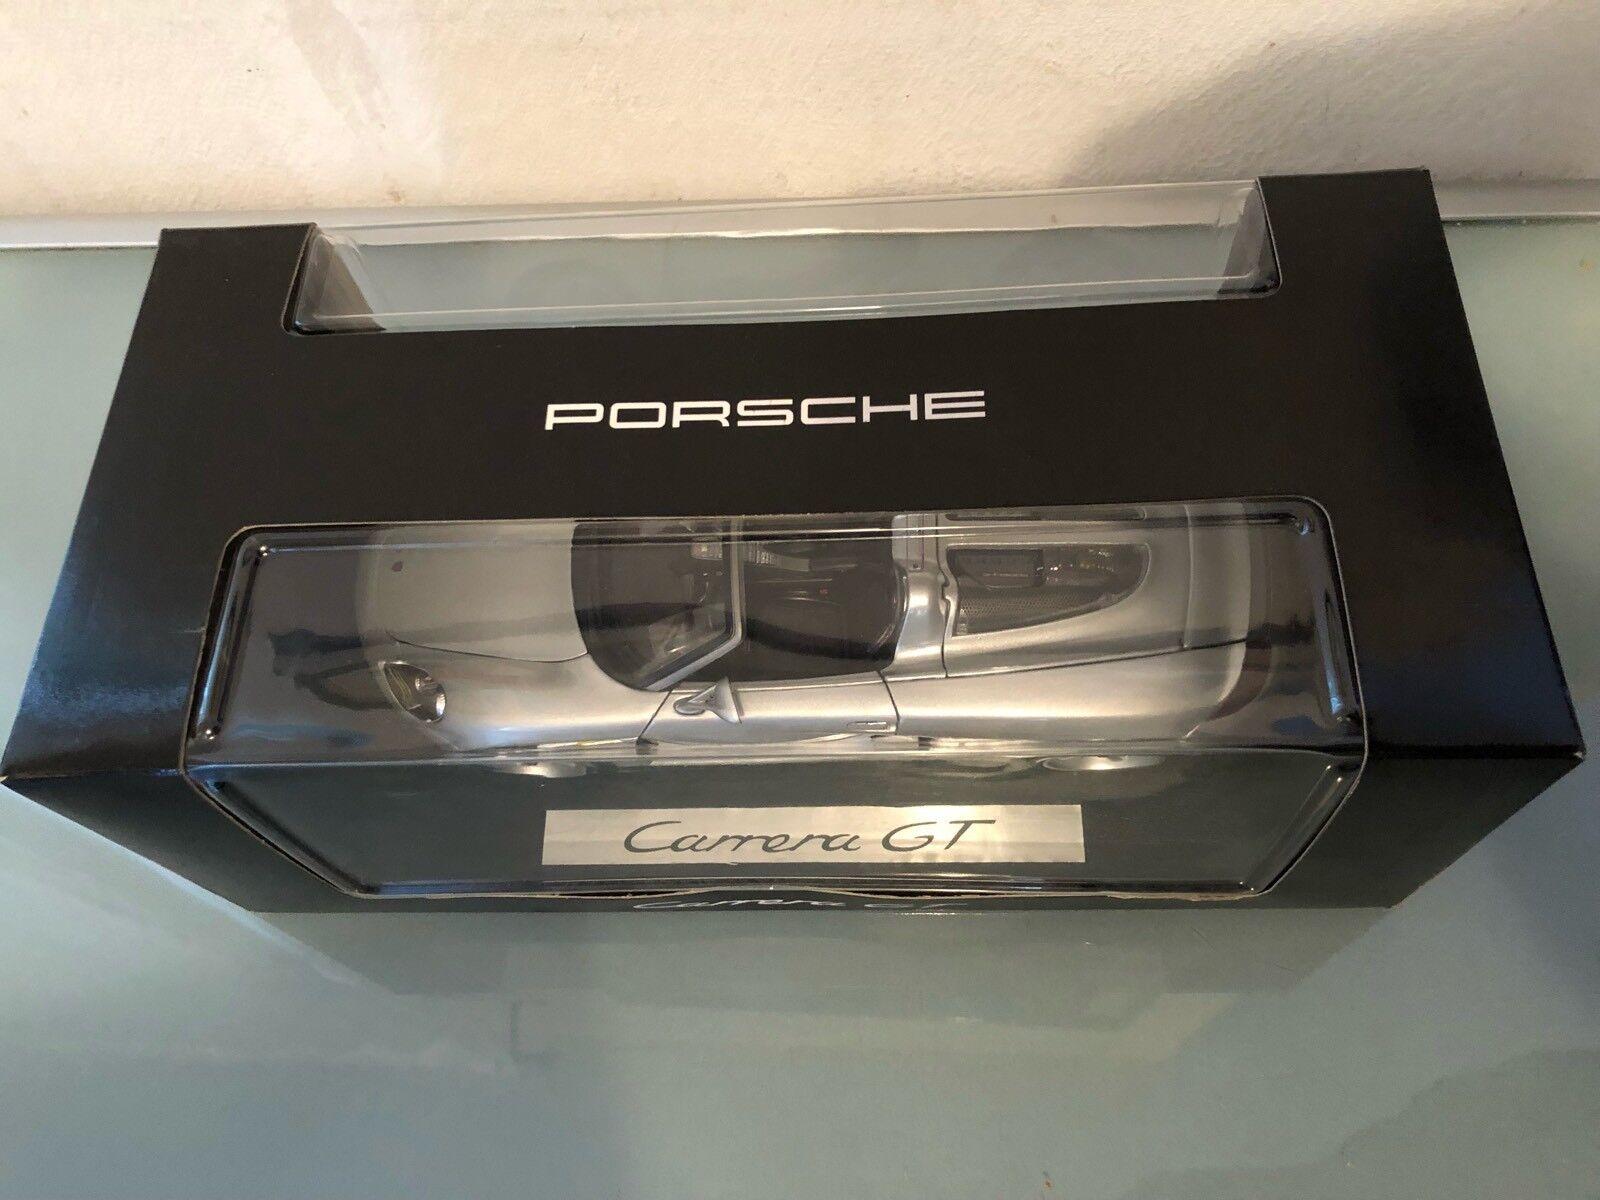 1 18 Promo lim ed PORSCHE CARRERA GT Maisto for Dealer rare model hi details 2